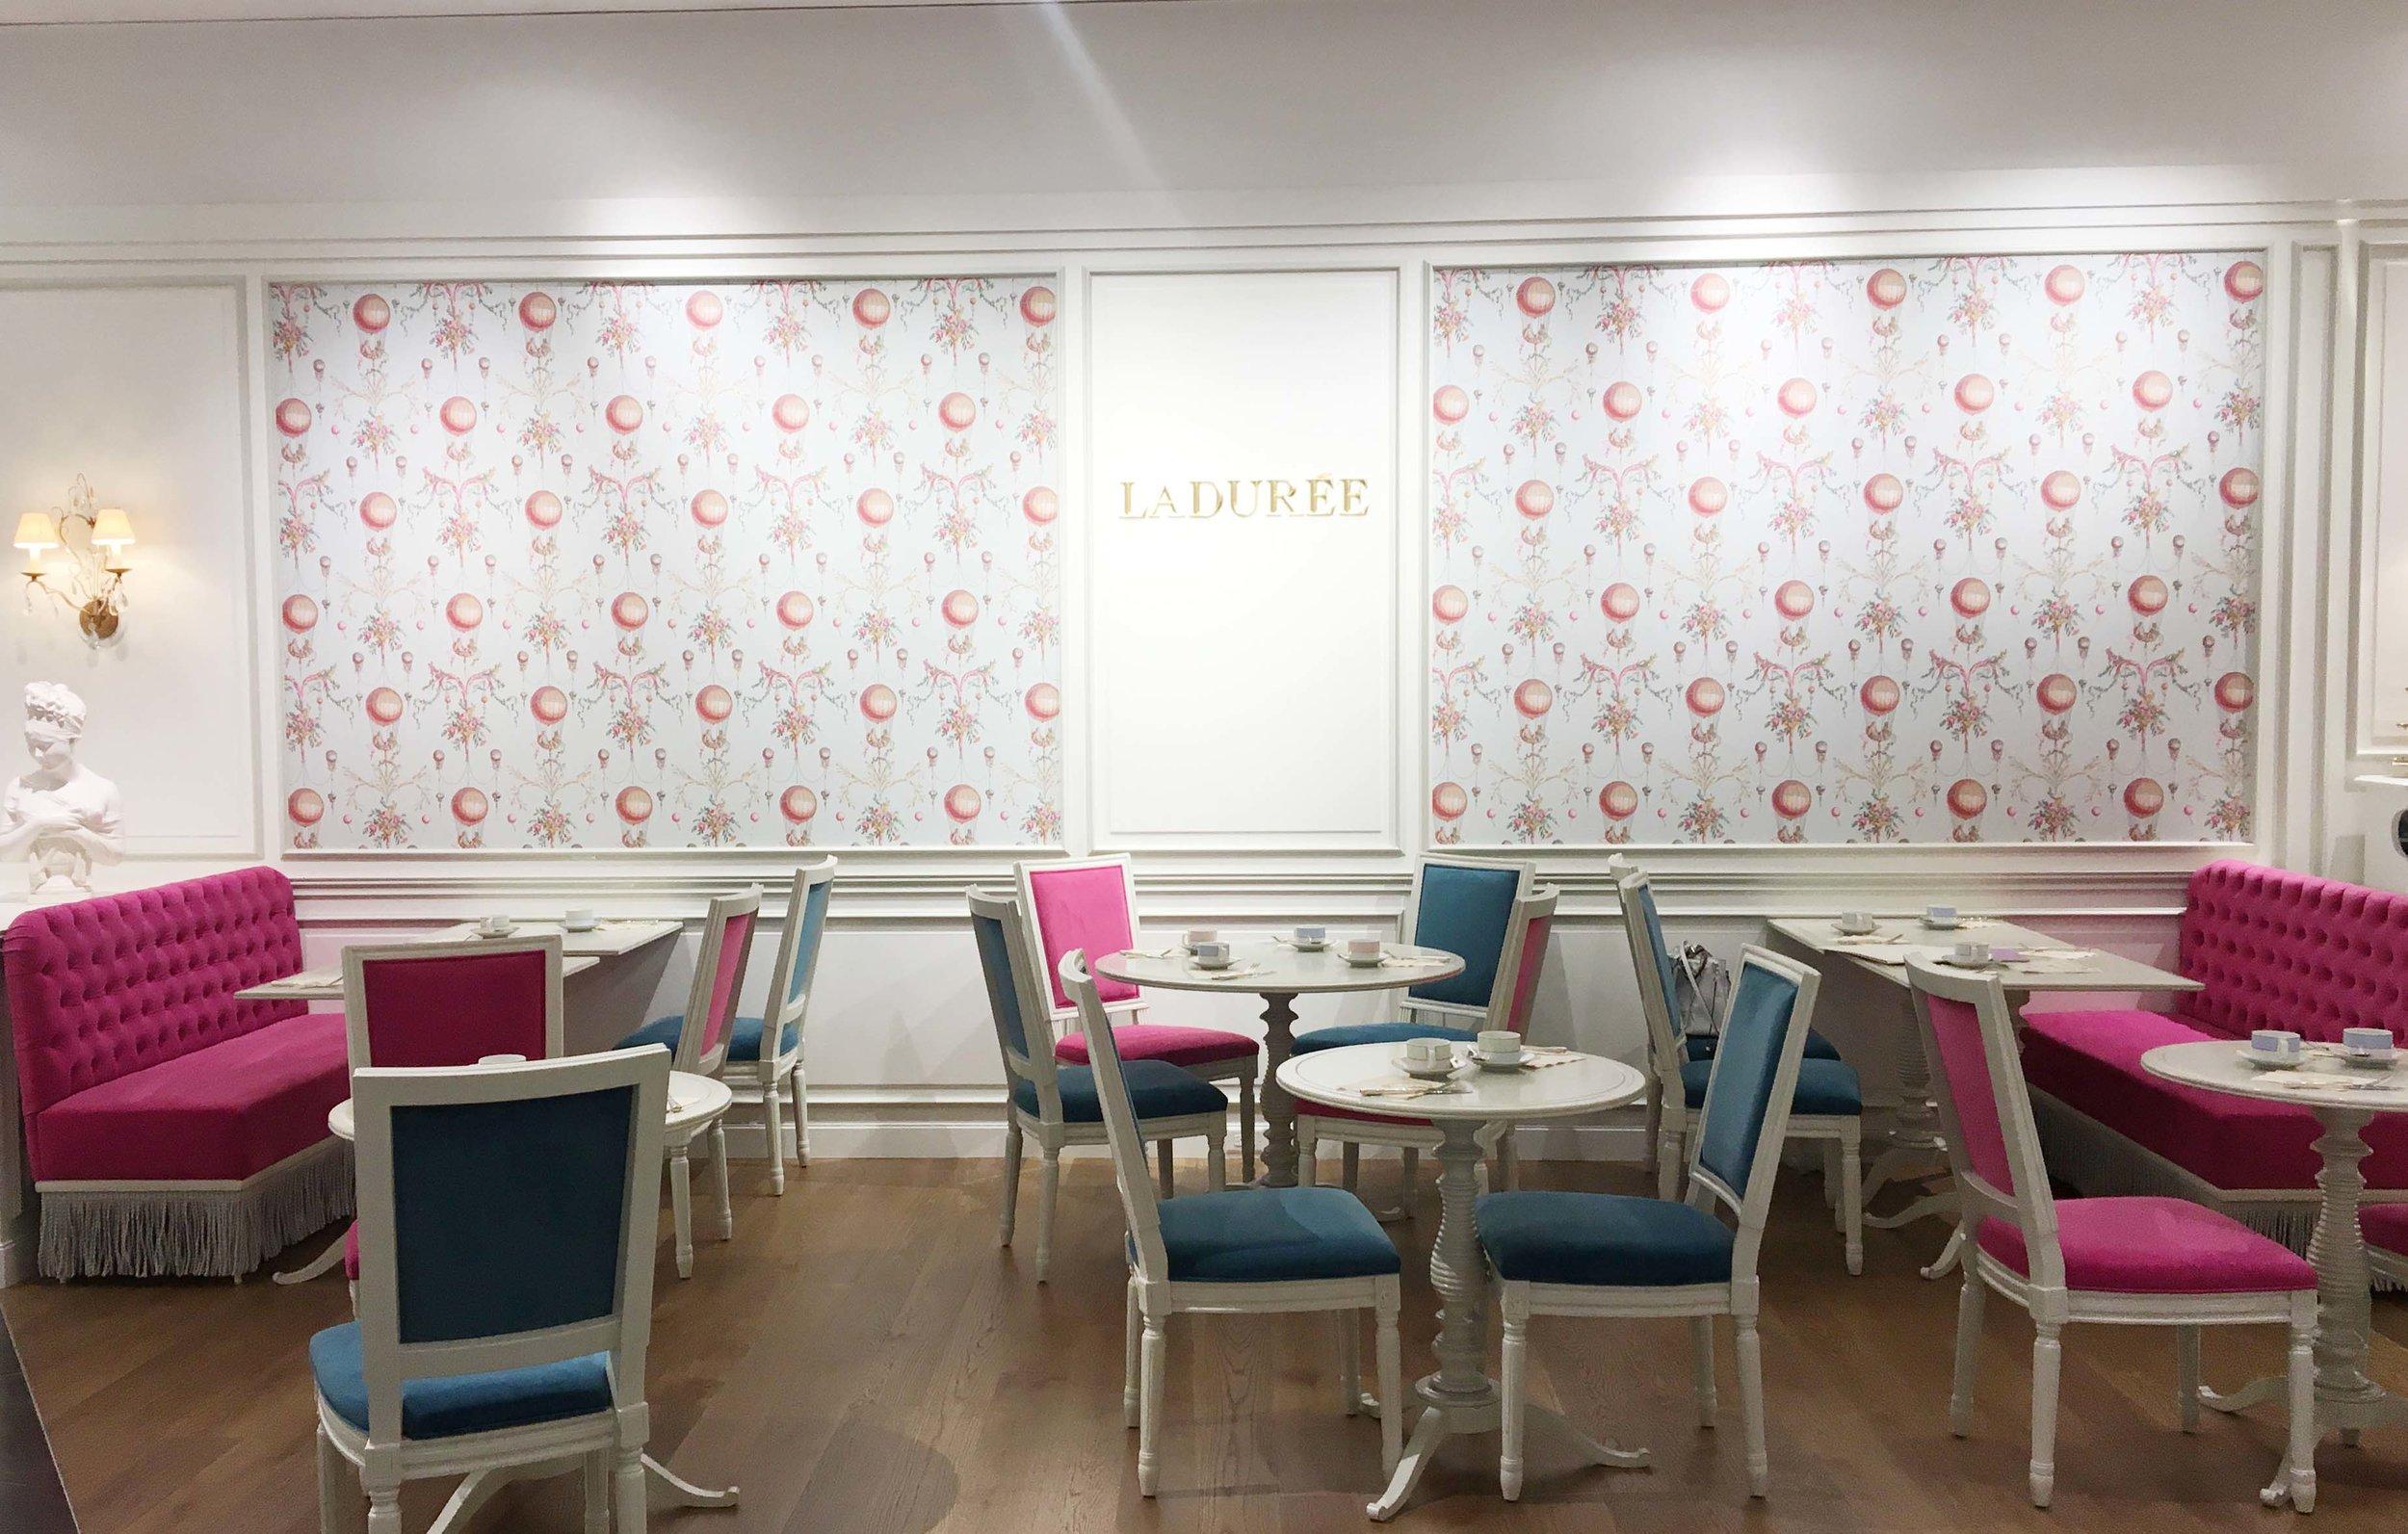 Laduree Holt Room.JPG